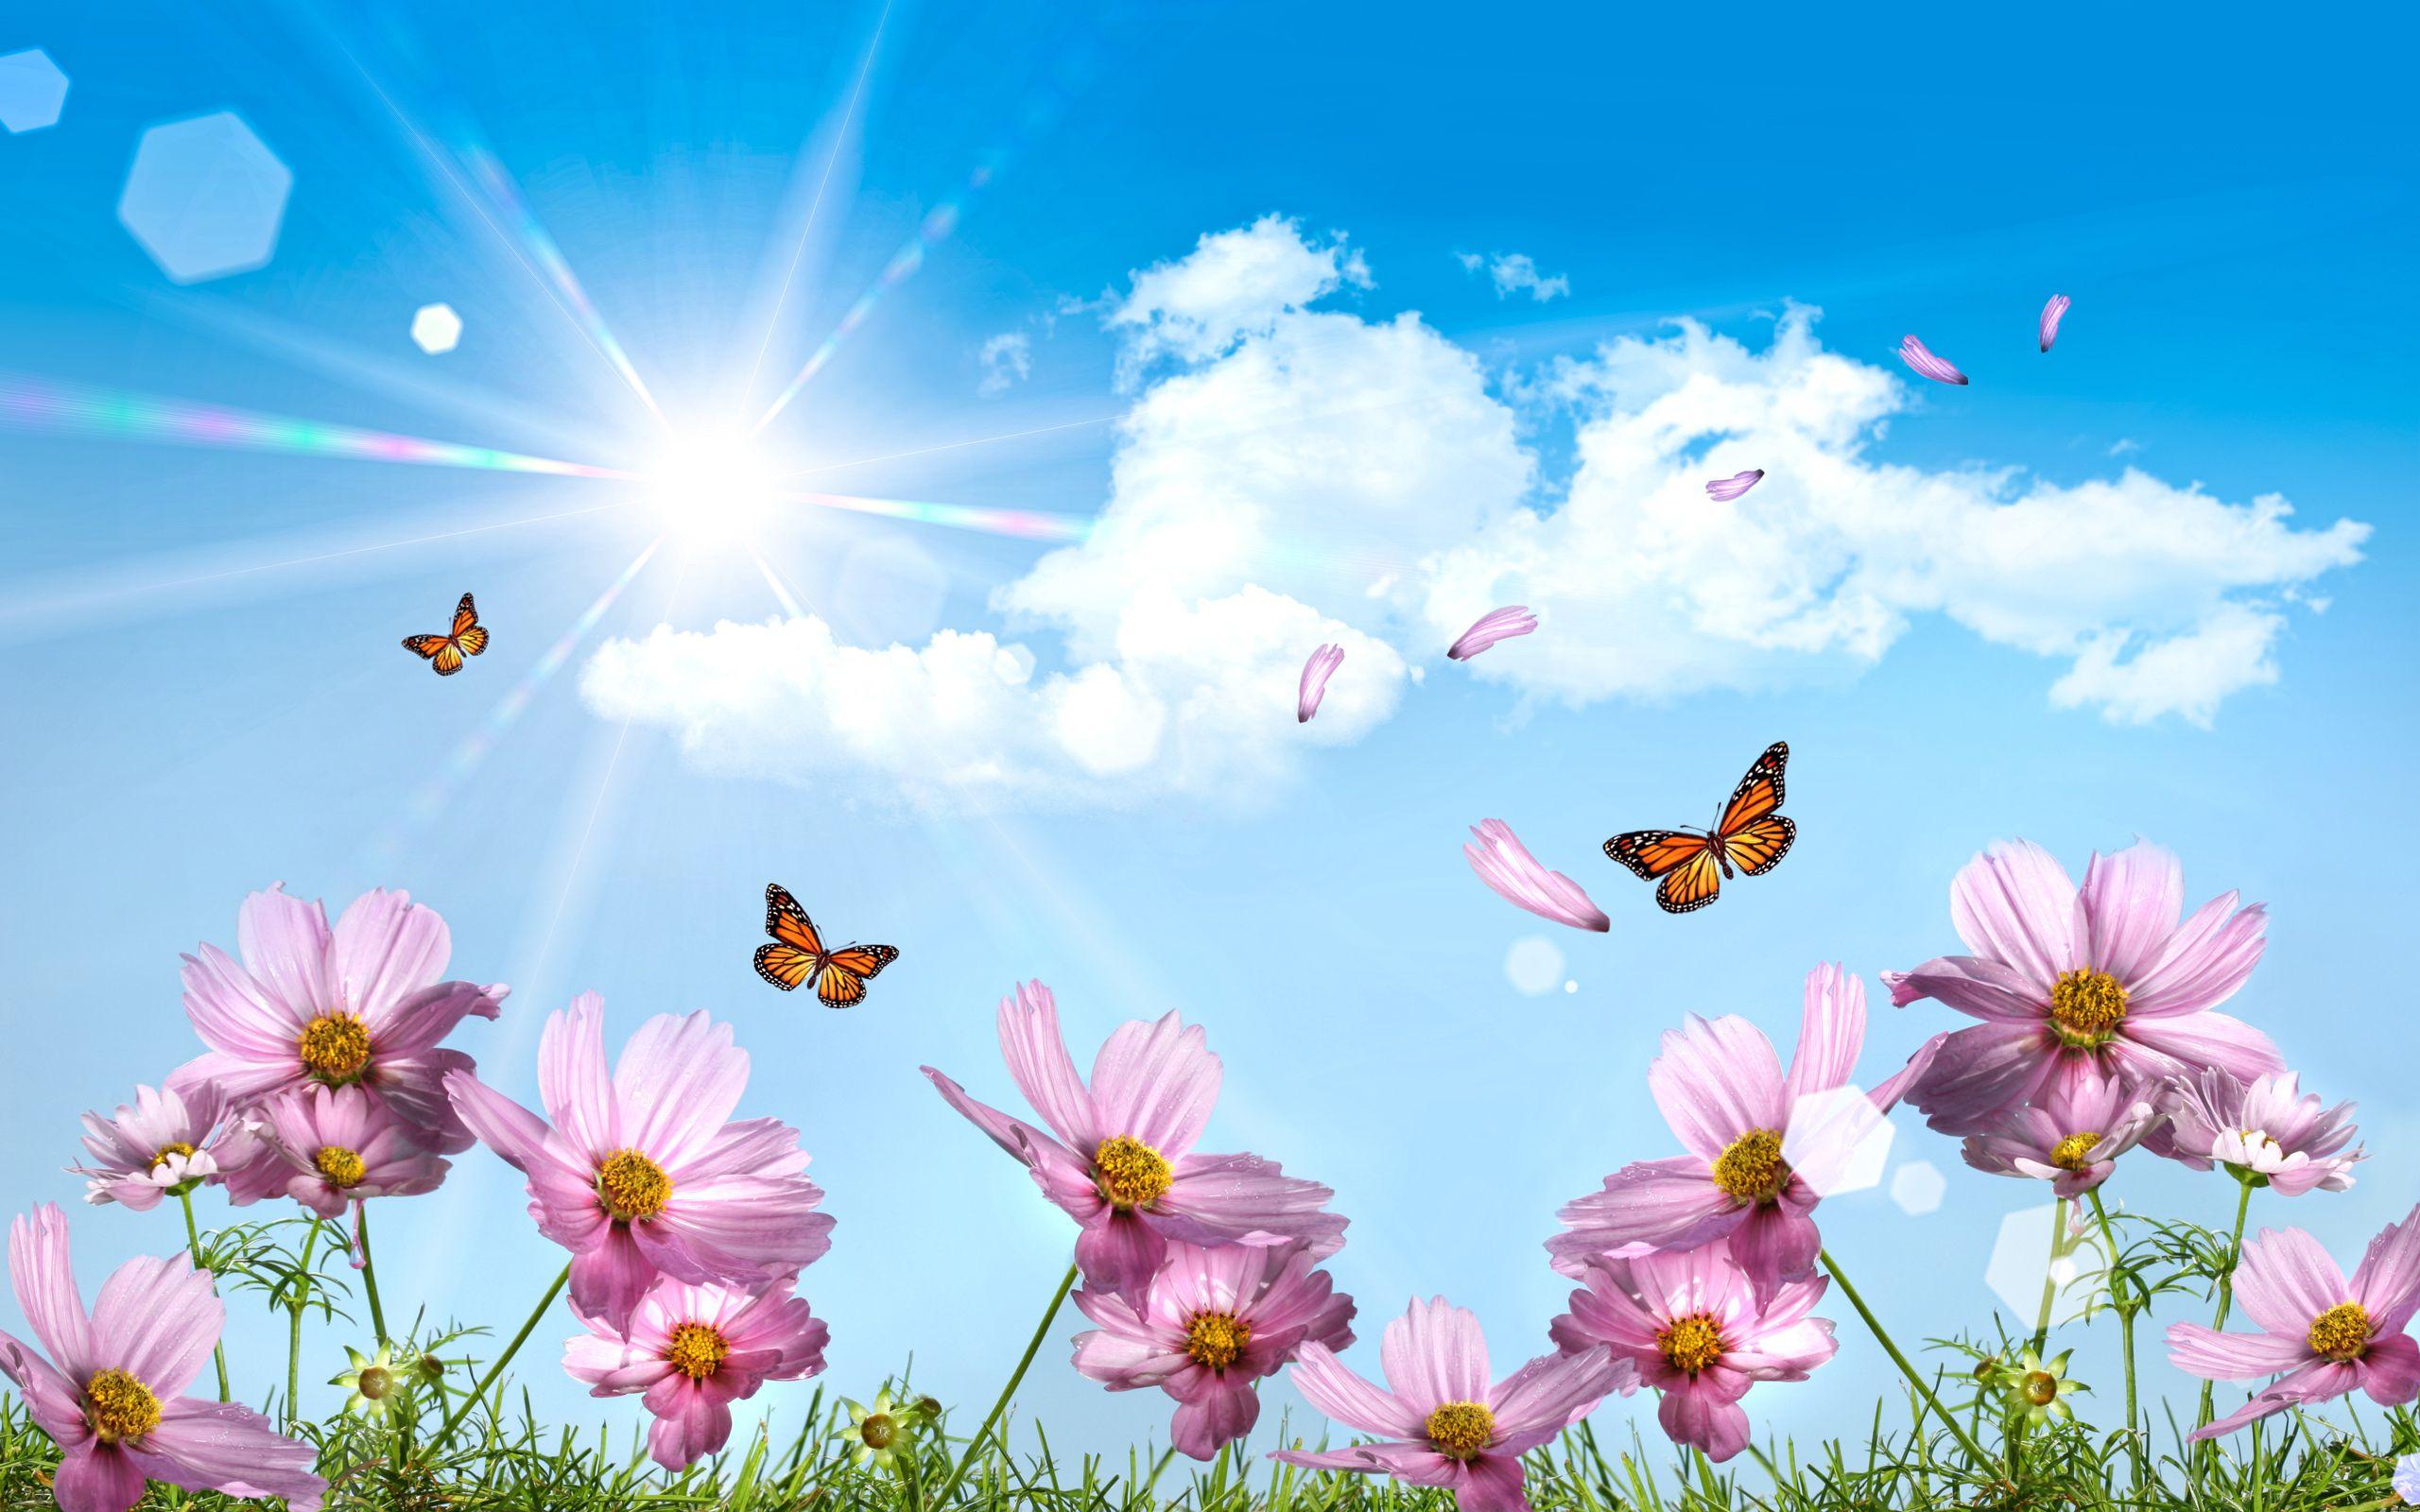 Desktop Backgrounds Wallpaper Summer Spring Screen